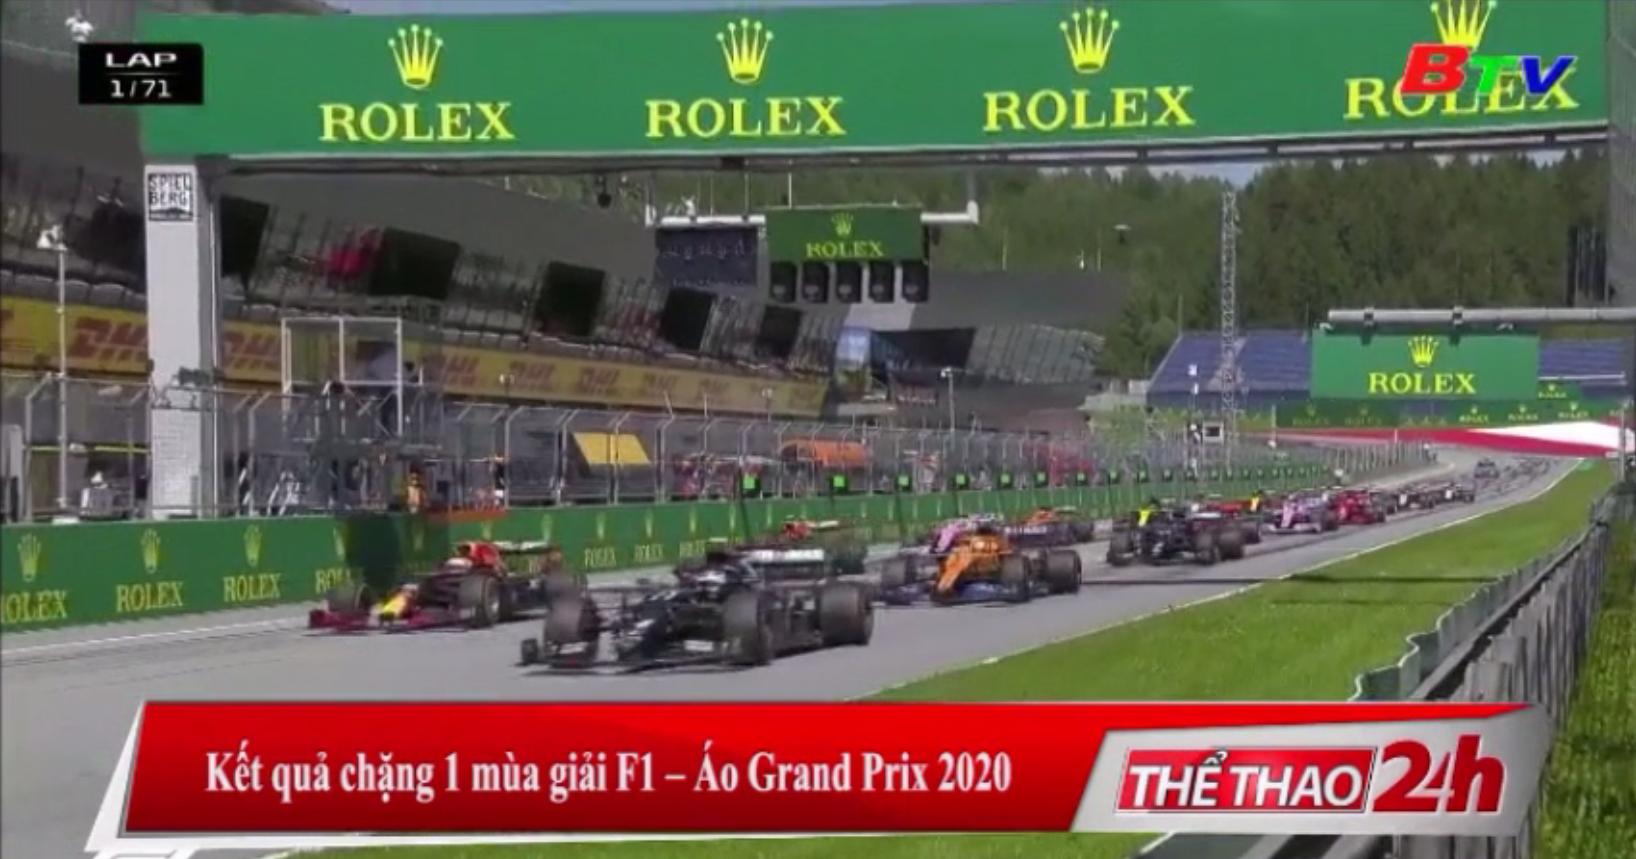 Kết quả chặng 1 mùa giải F1 - Áo Grand Prix 2020